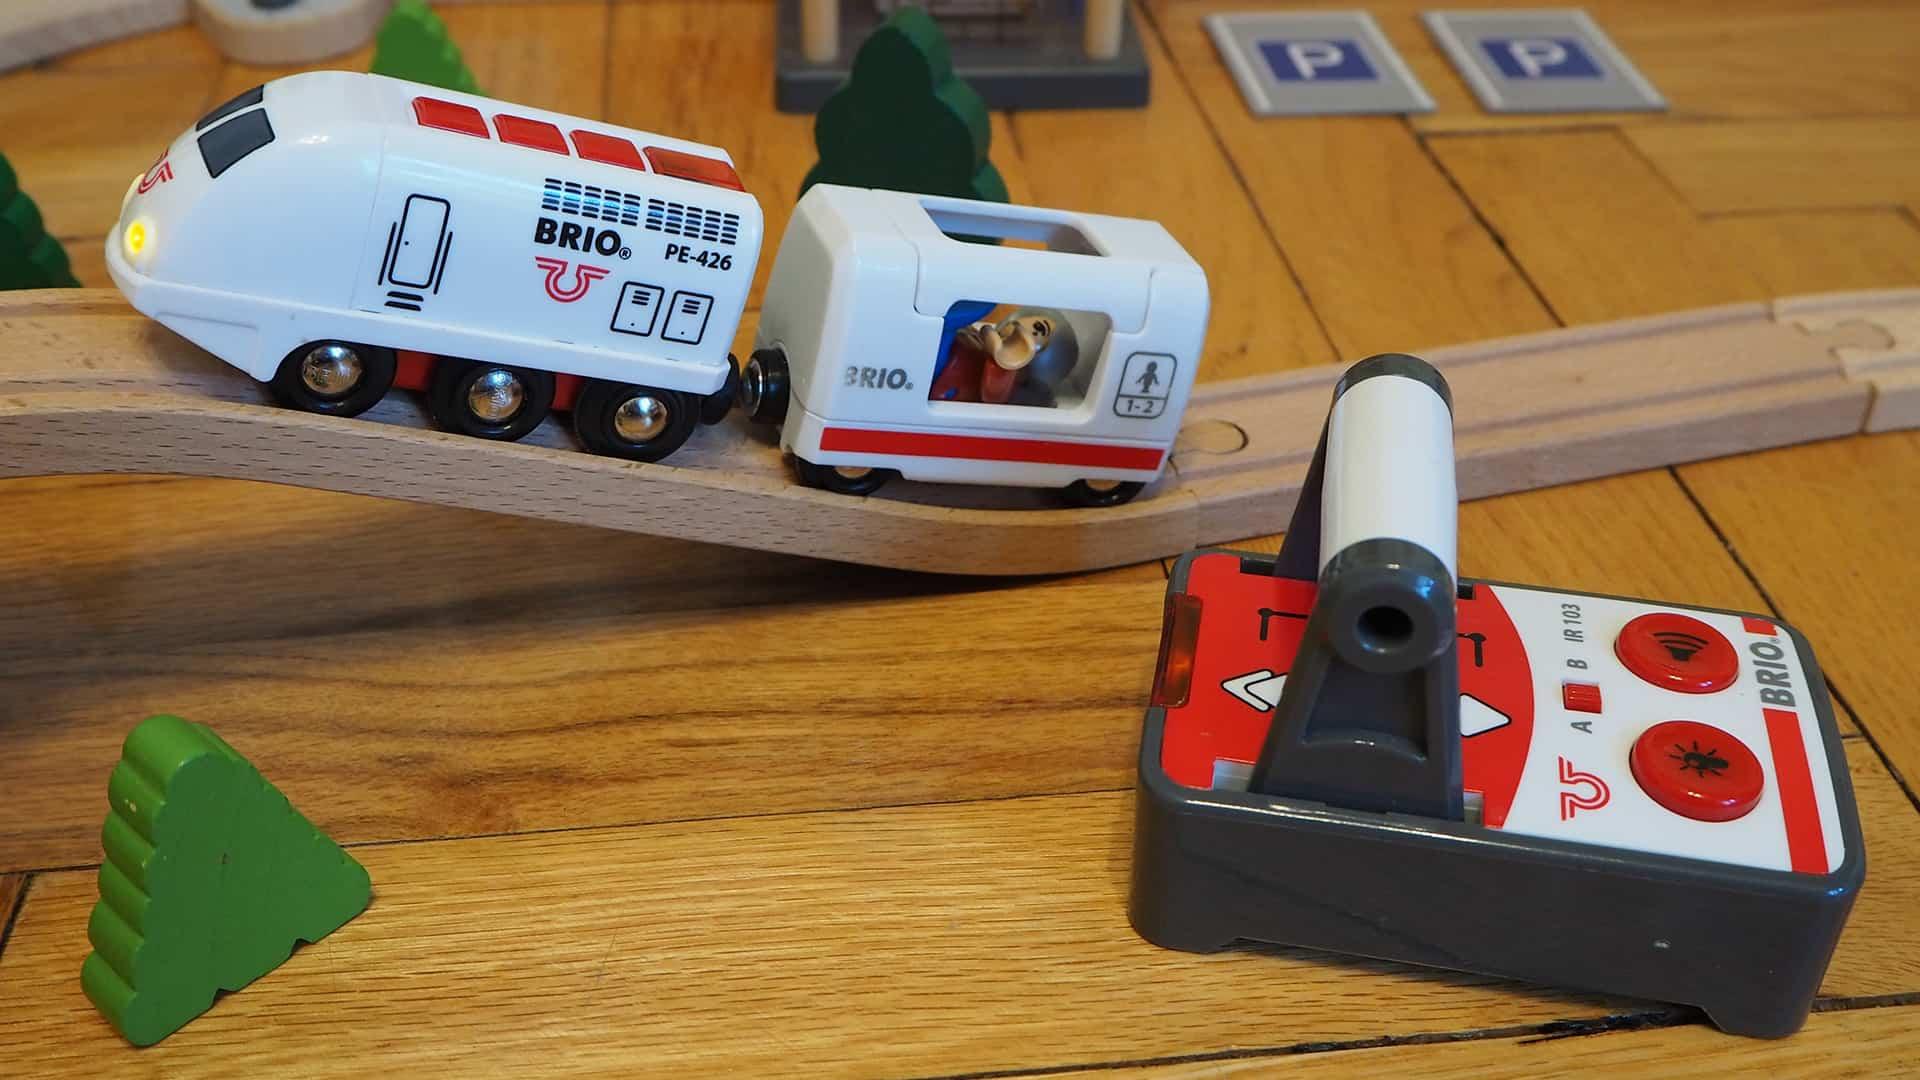 Die Batterielok, eine Figur sowie die Fernbedienung von BRIO